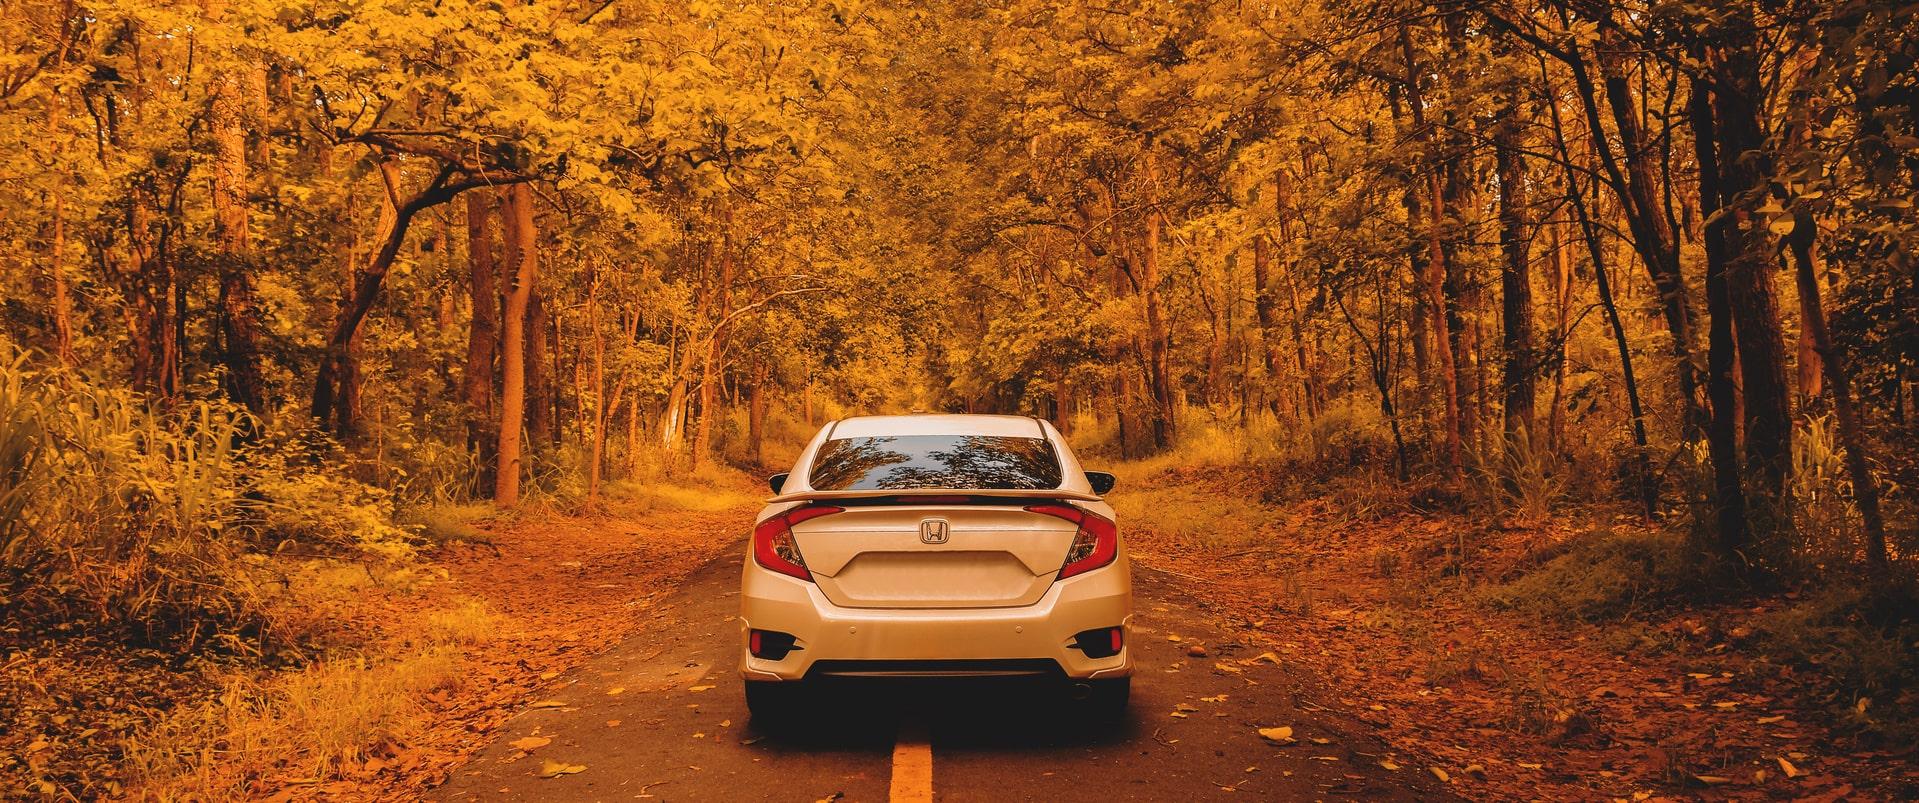 L'automne à l'horizon : comment préparer son véhicule et sa conduite ?